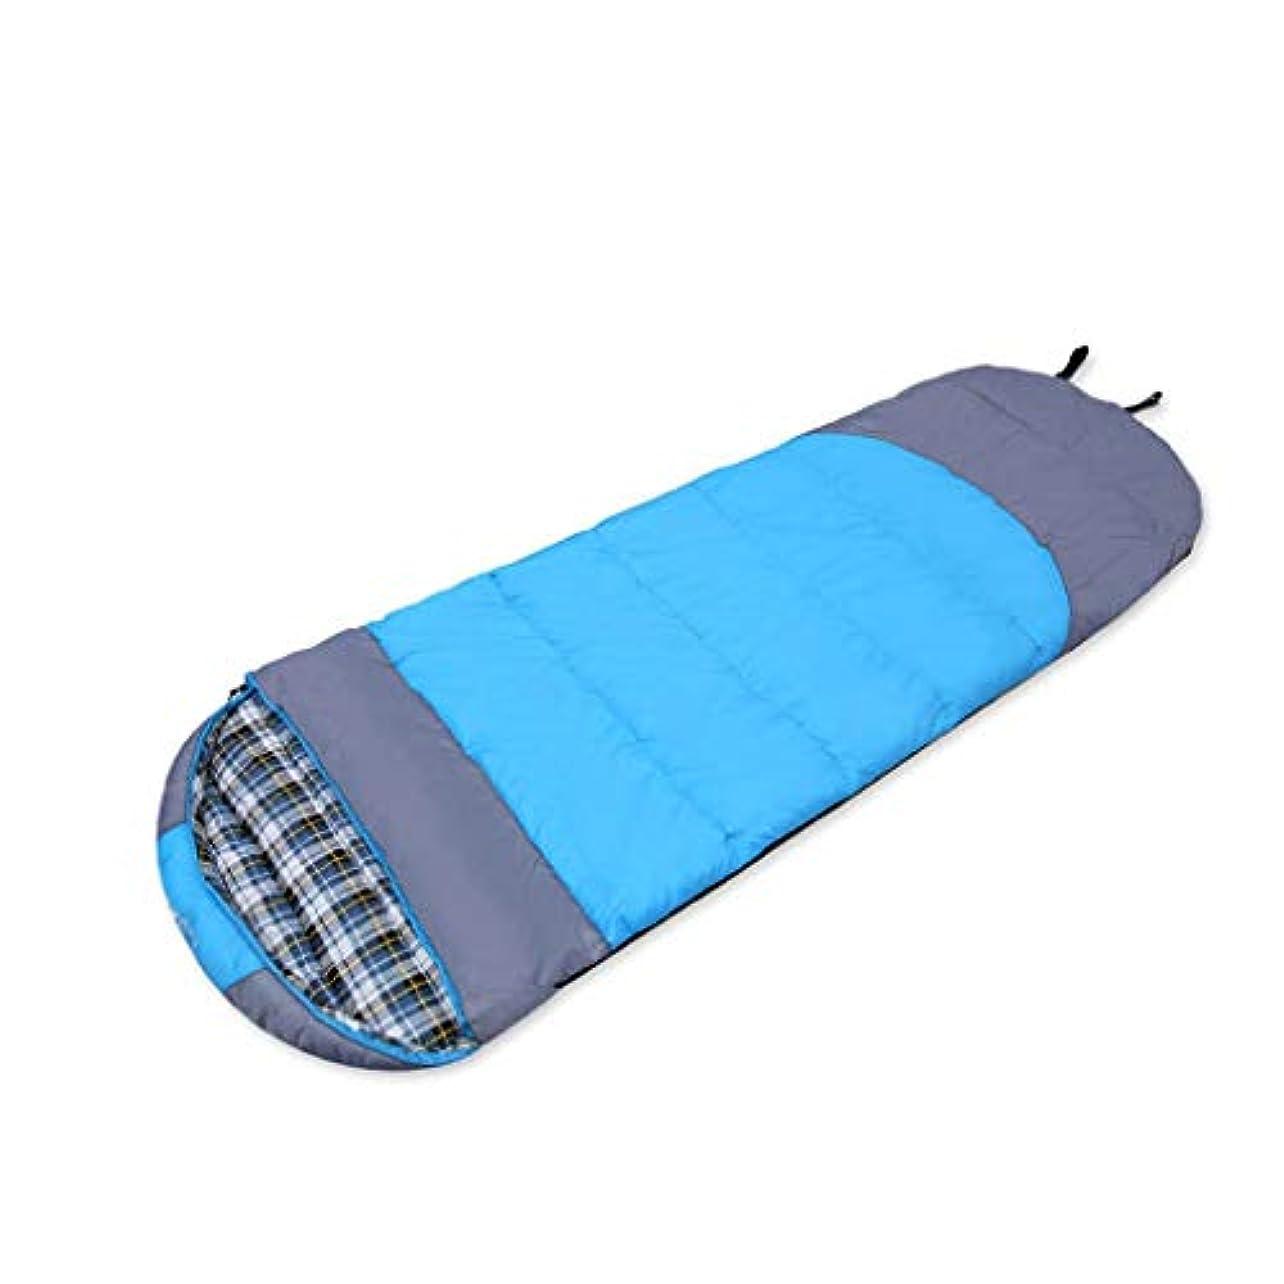 力便利細菌LCSHAN 寝袋ポリエステル厚手の暖かいキャンプ大人の旅行水分を防ぐコットンダウン (容量 : C, 色 : 濃紺)